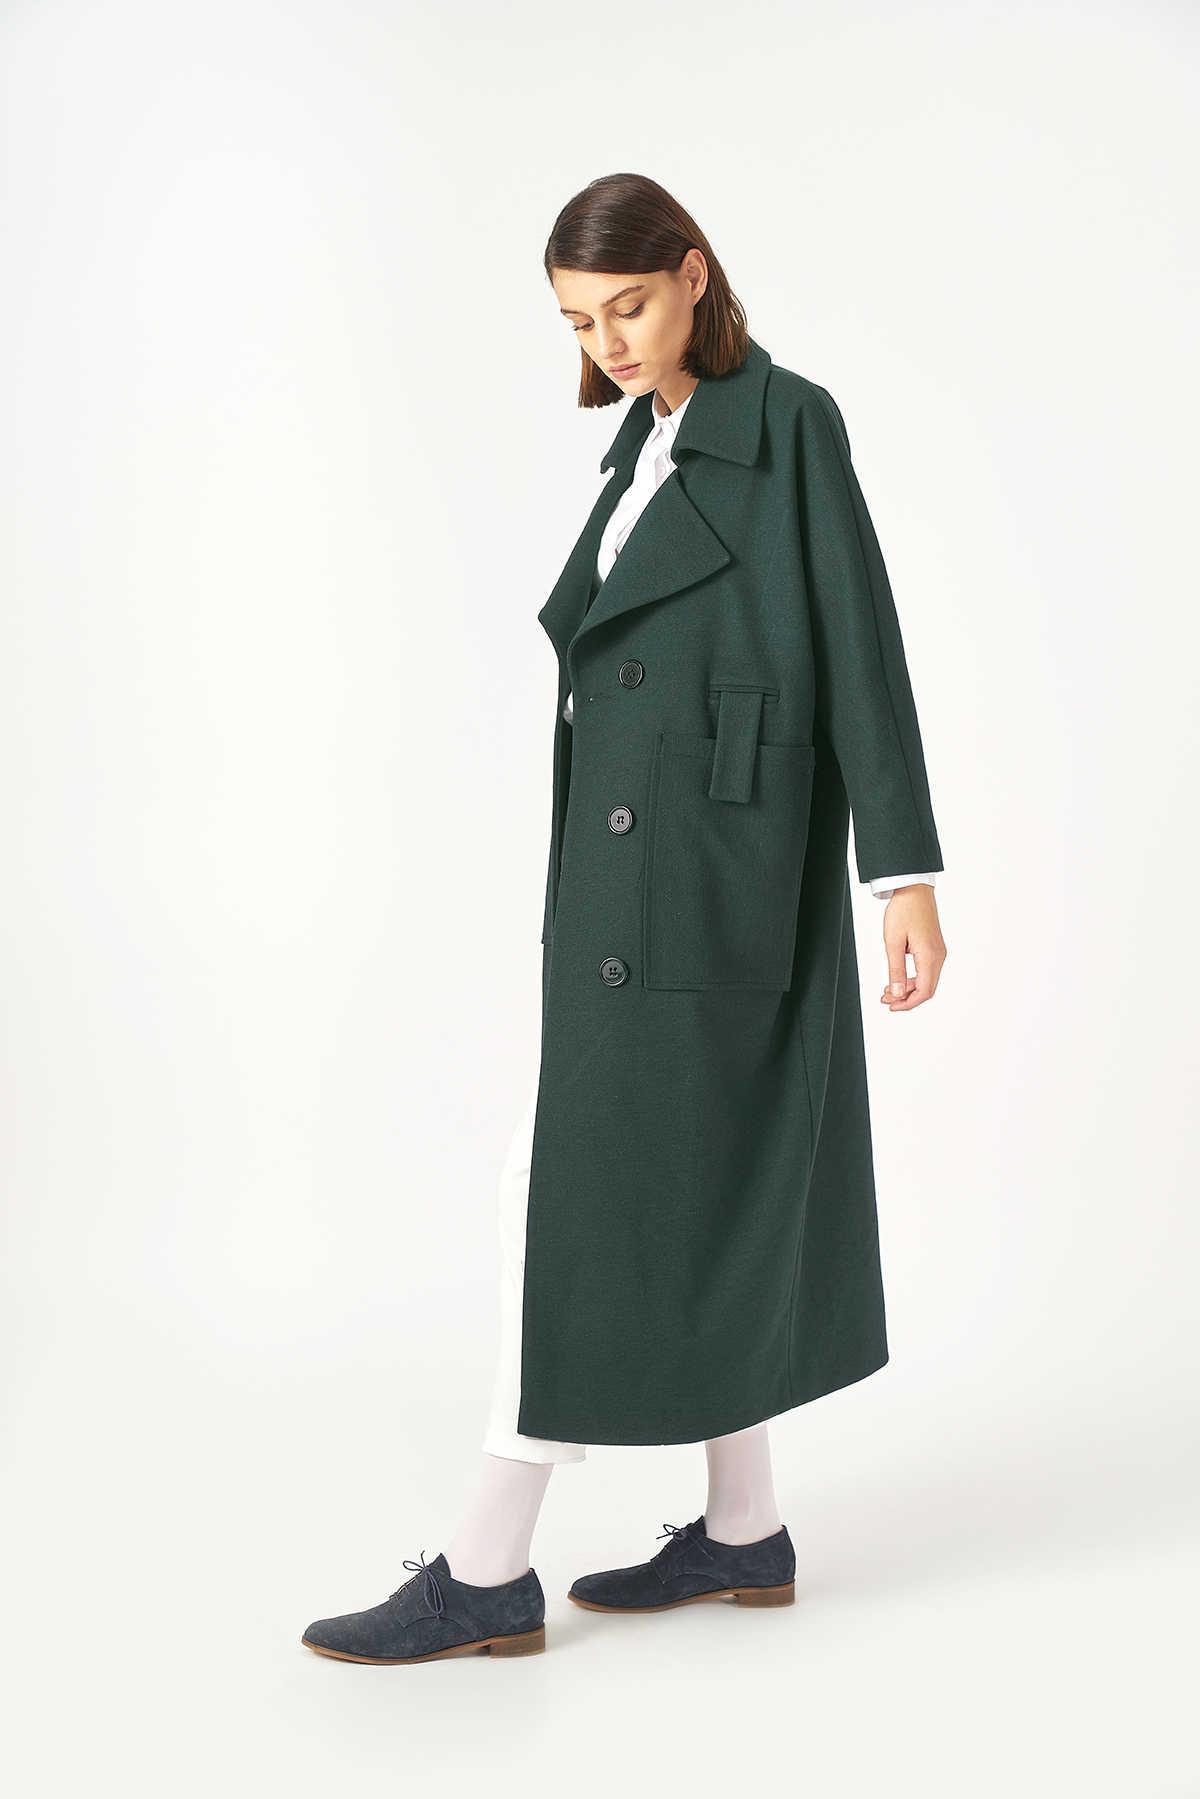 Kuaybe Gider - Kuaybe Gider Yeşil Kadın Palto 7101